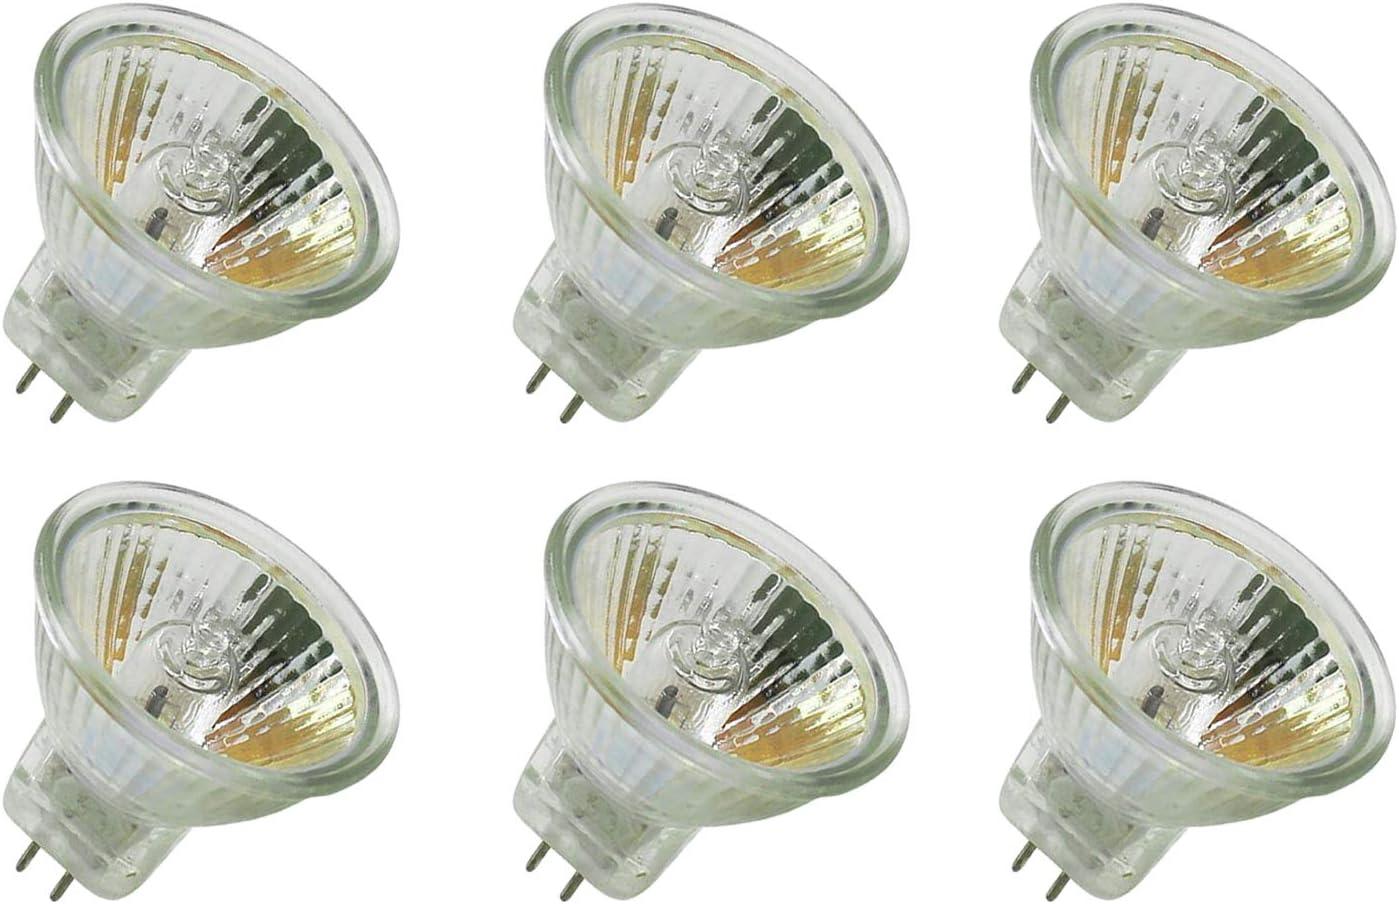 CTKcom Halogen Light Bulbs(6 Pack)- MR11 12Volt 20Watt, 30 Degree Beam Spread Precision Halogen Reflector Fiber Optic Light Bulb 20W 12V,6 Pack